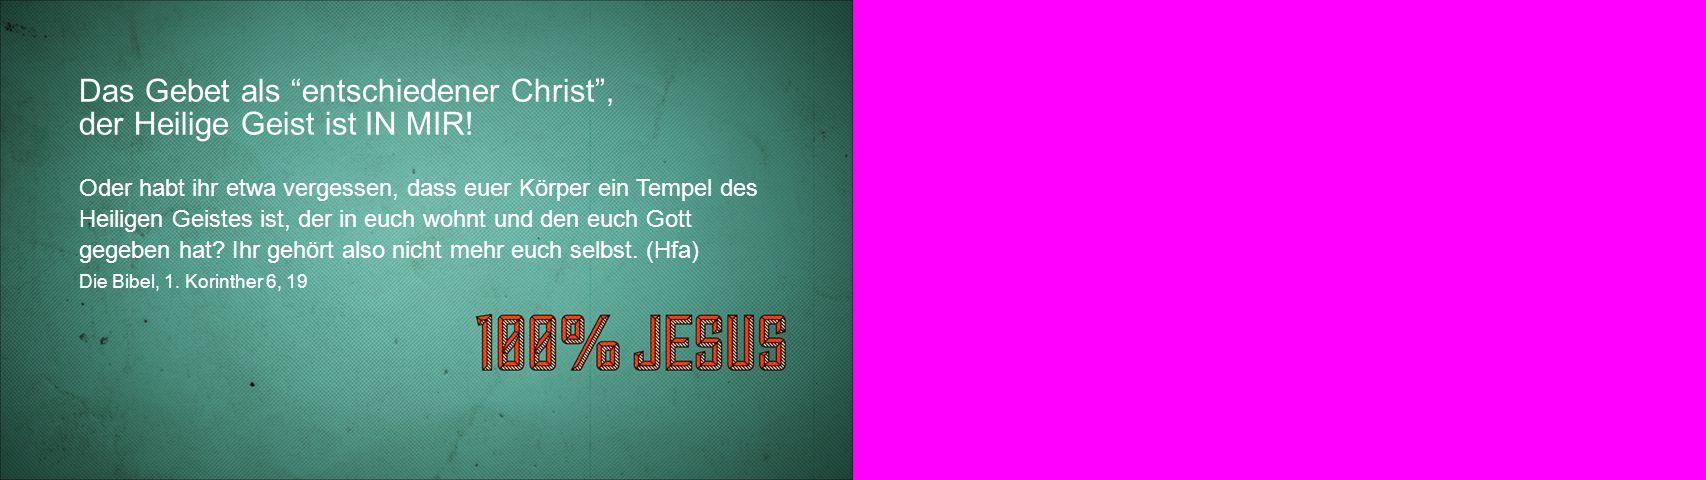 Das Gebet als entschiedener Christ , der Heilige Geist ist IN MIR!